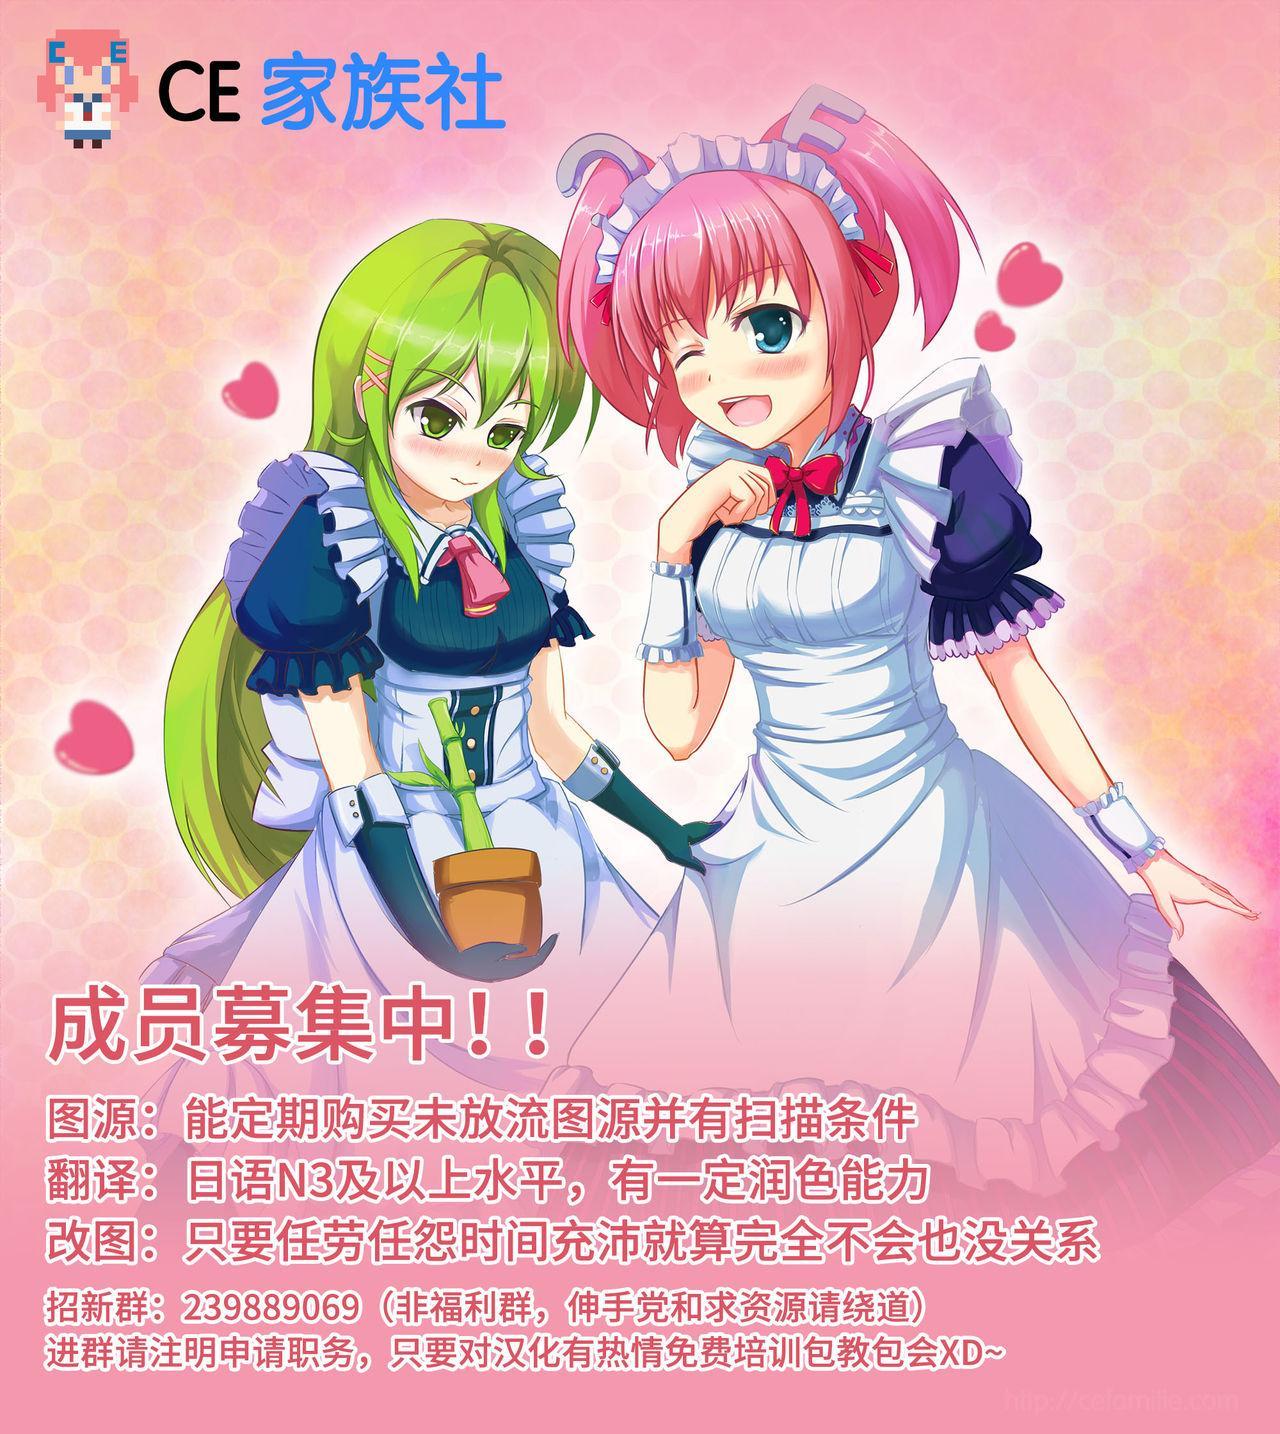 Watashi, Motto Ganbarimasu! - I will do my best more! 19